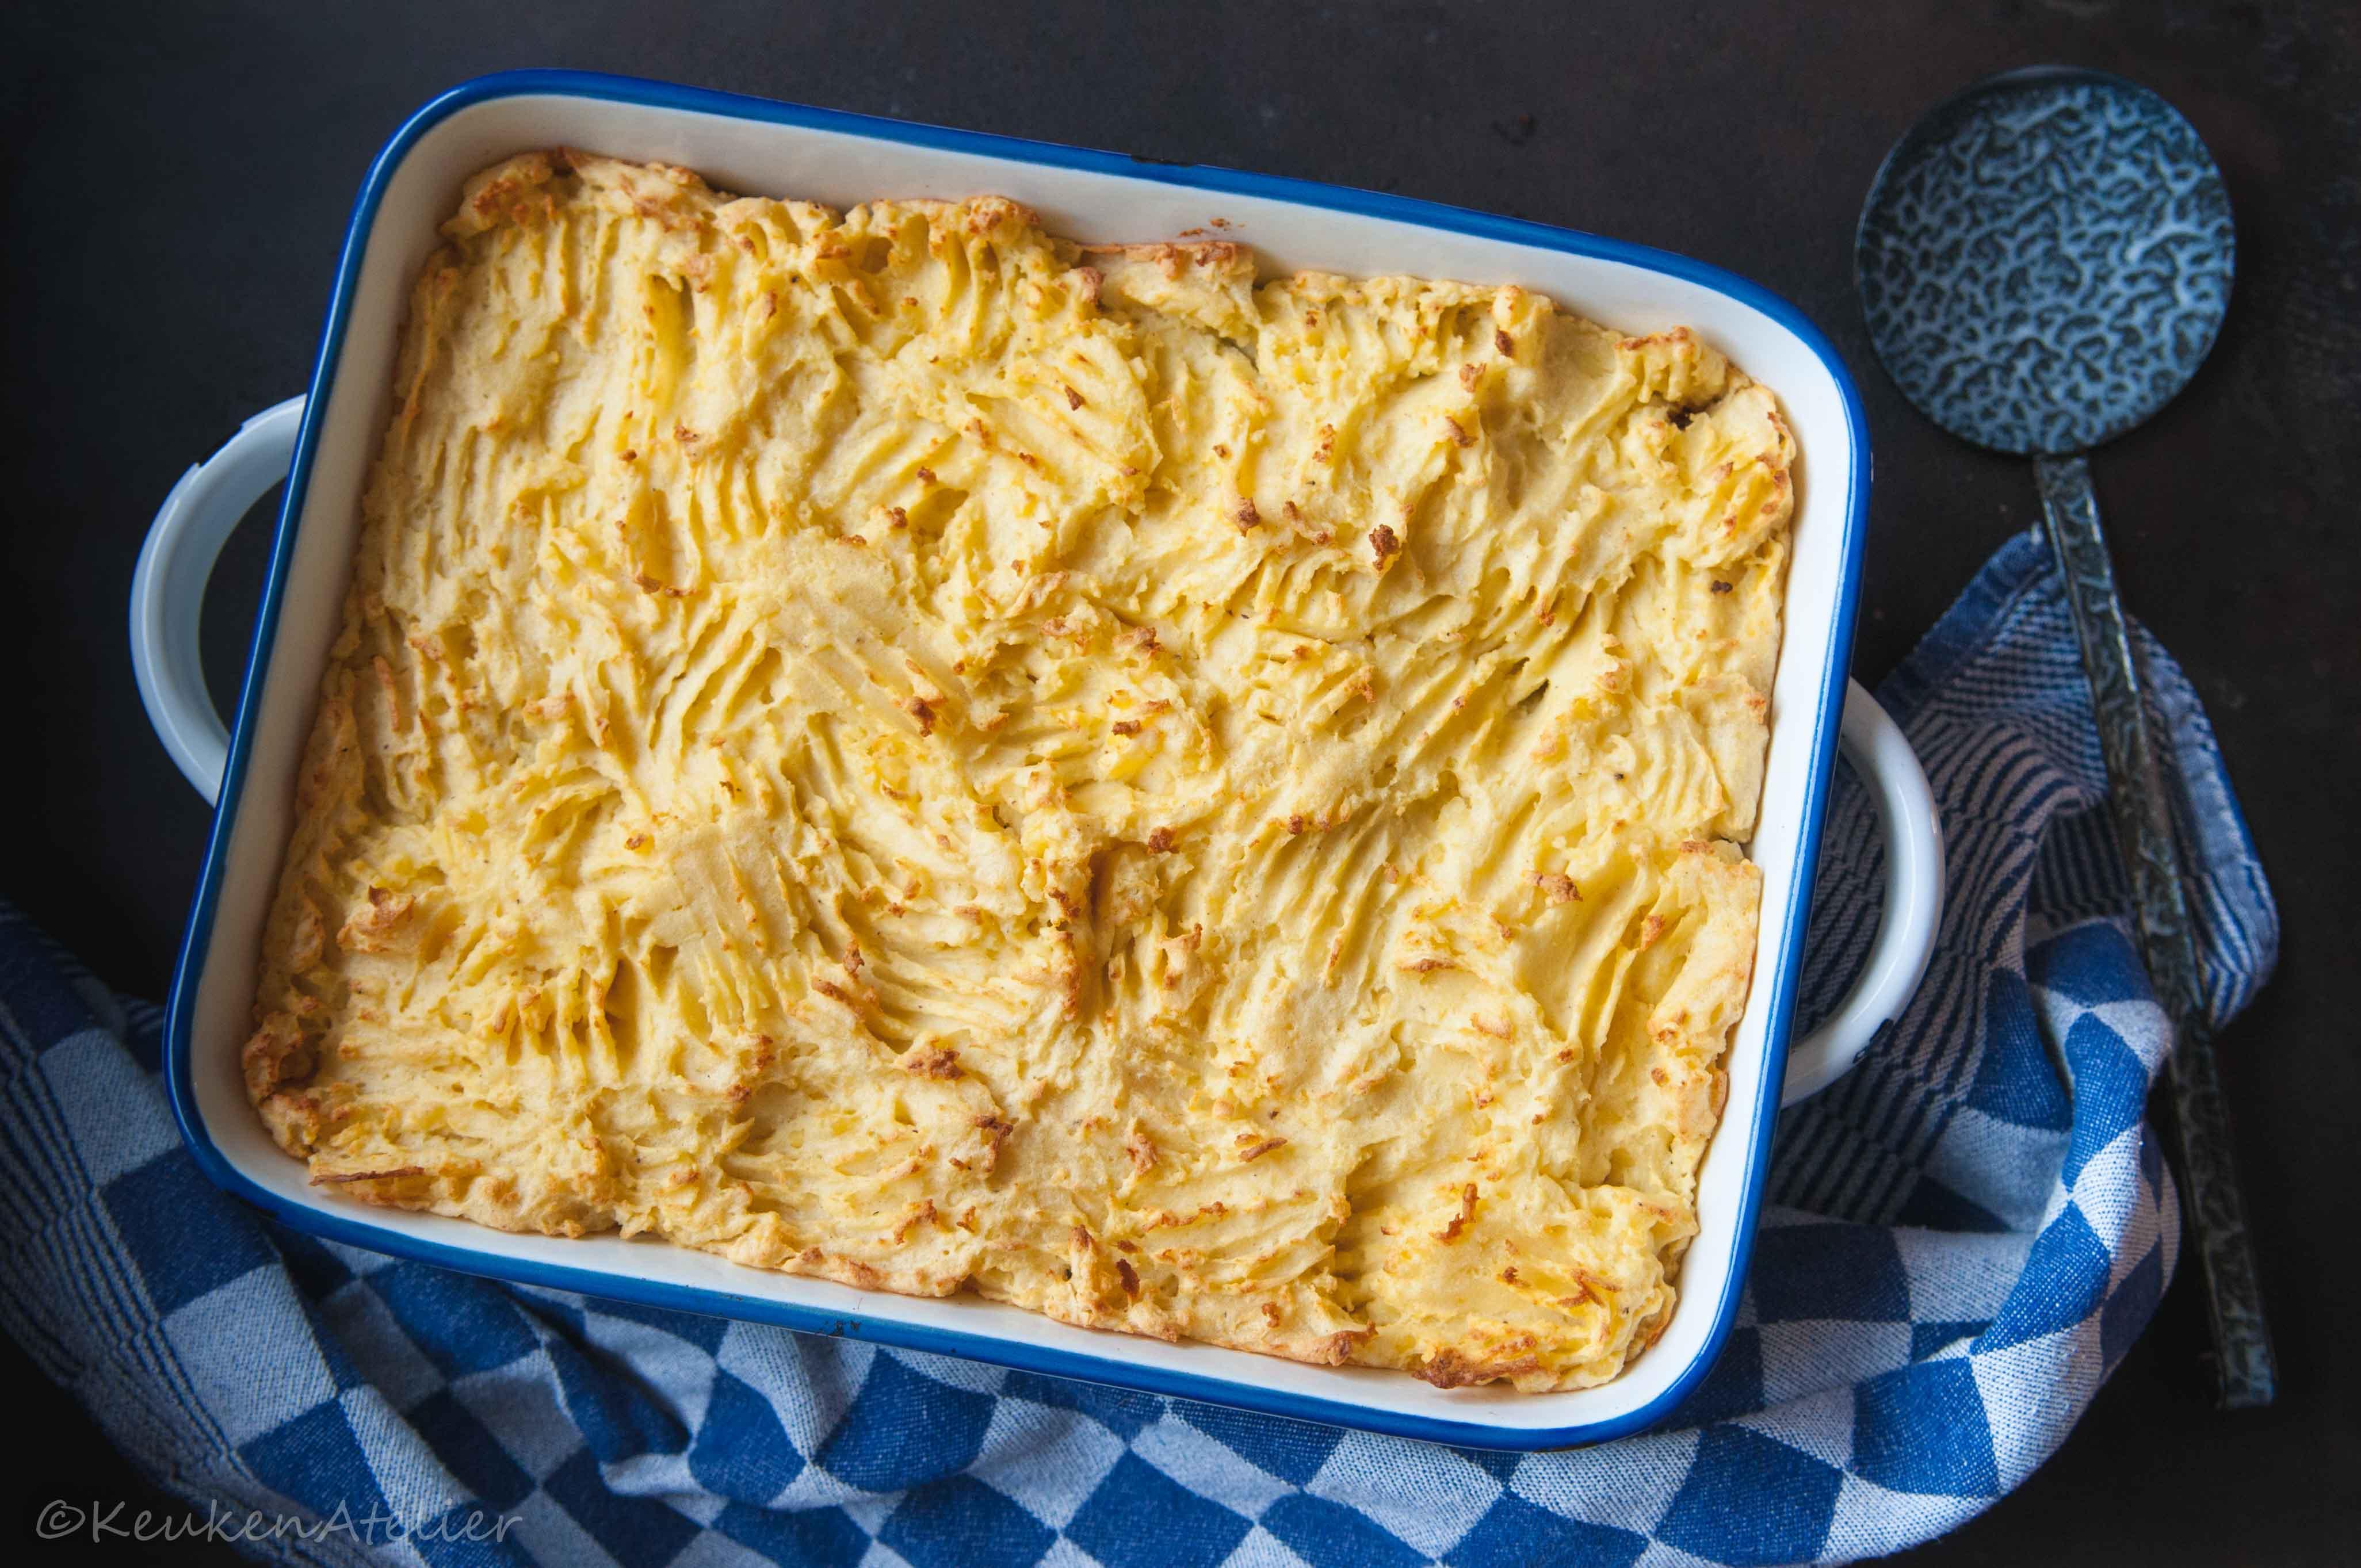 zuurkoolschotel 4 | keukenatelier.com